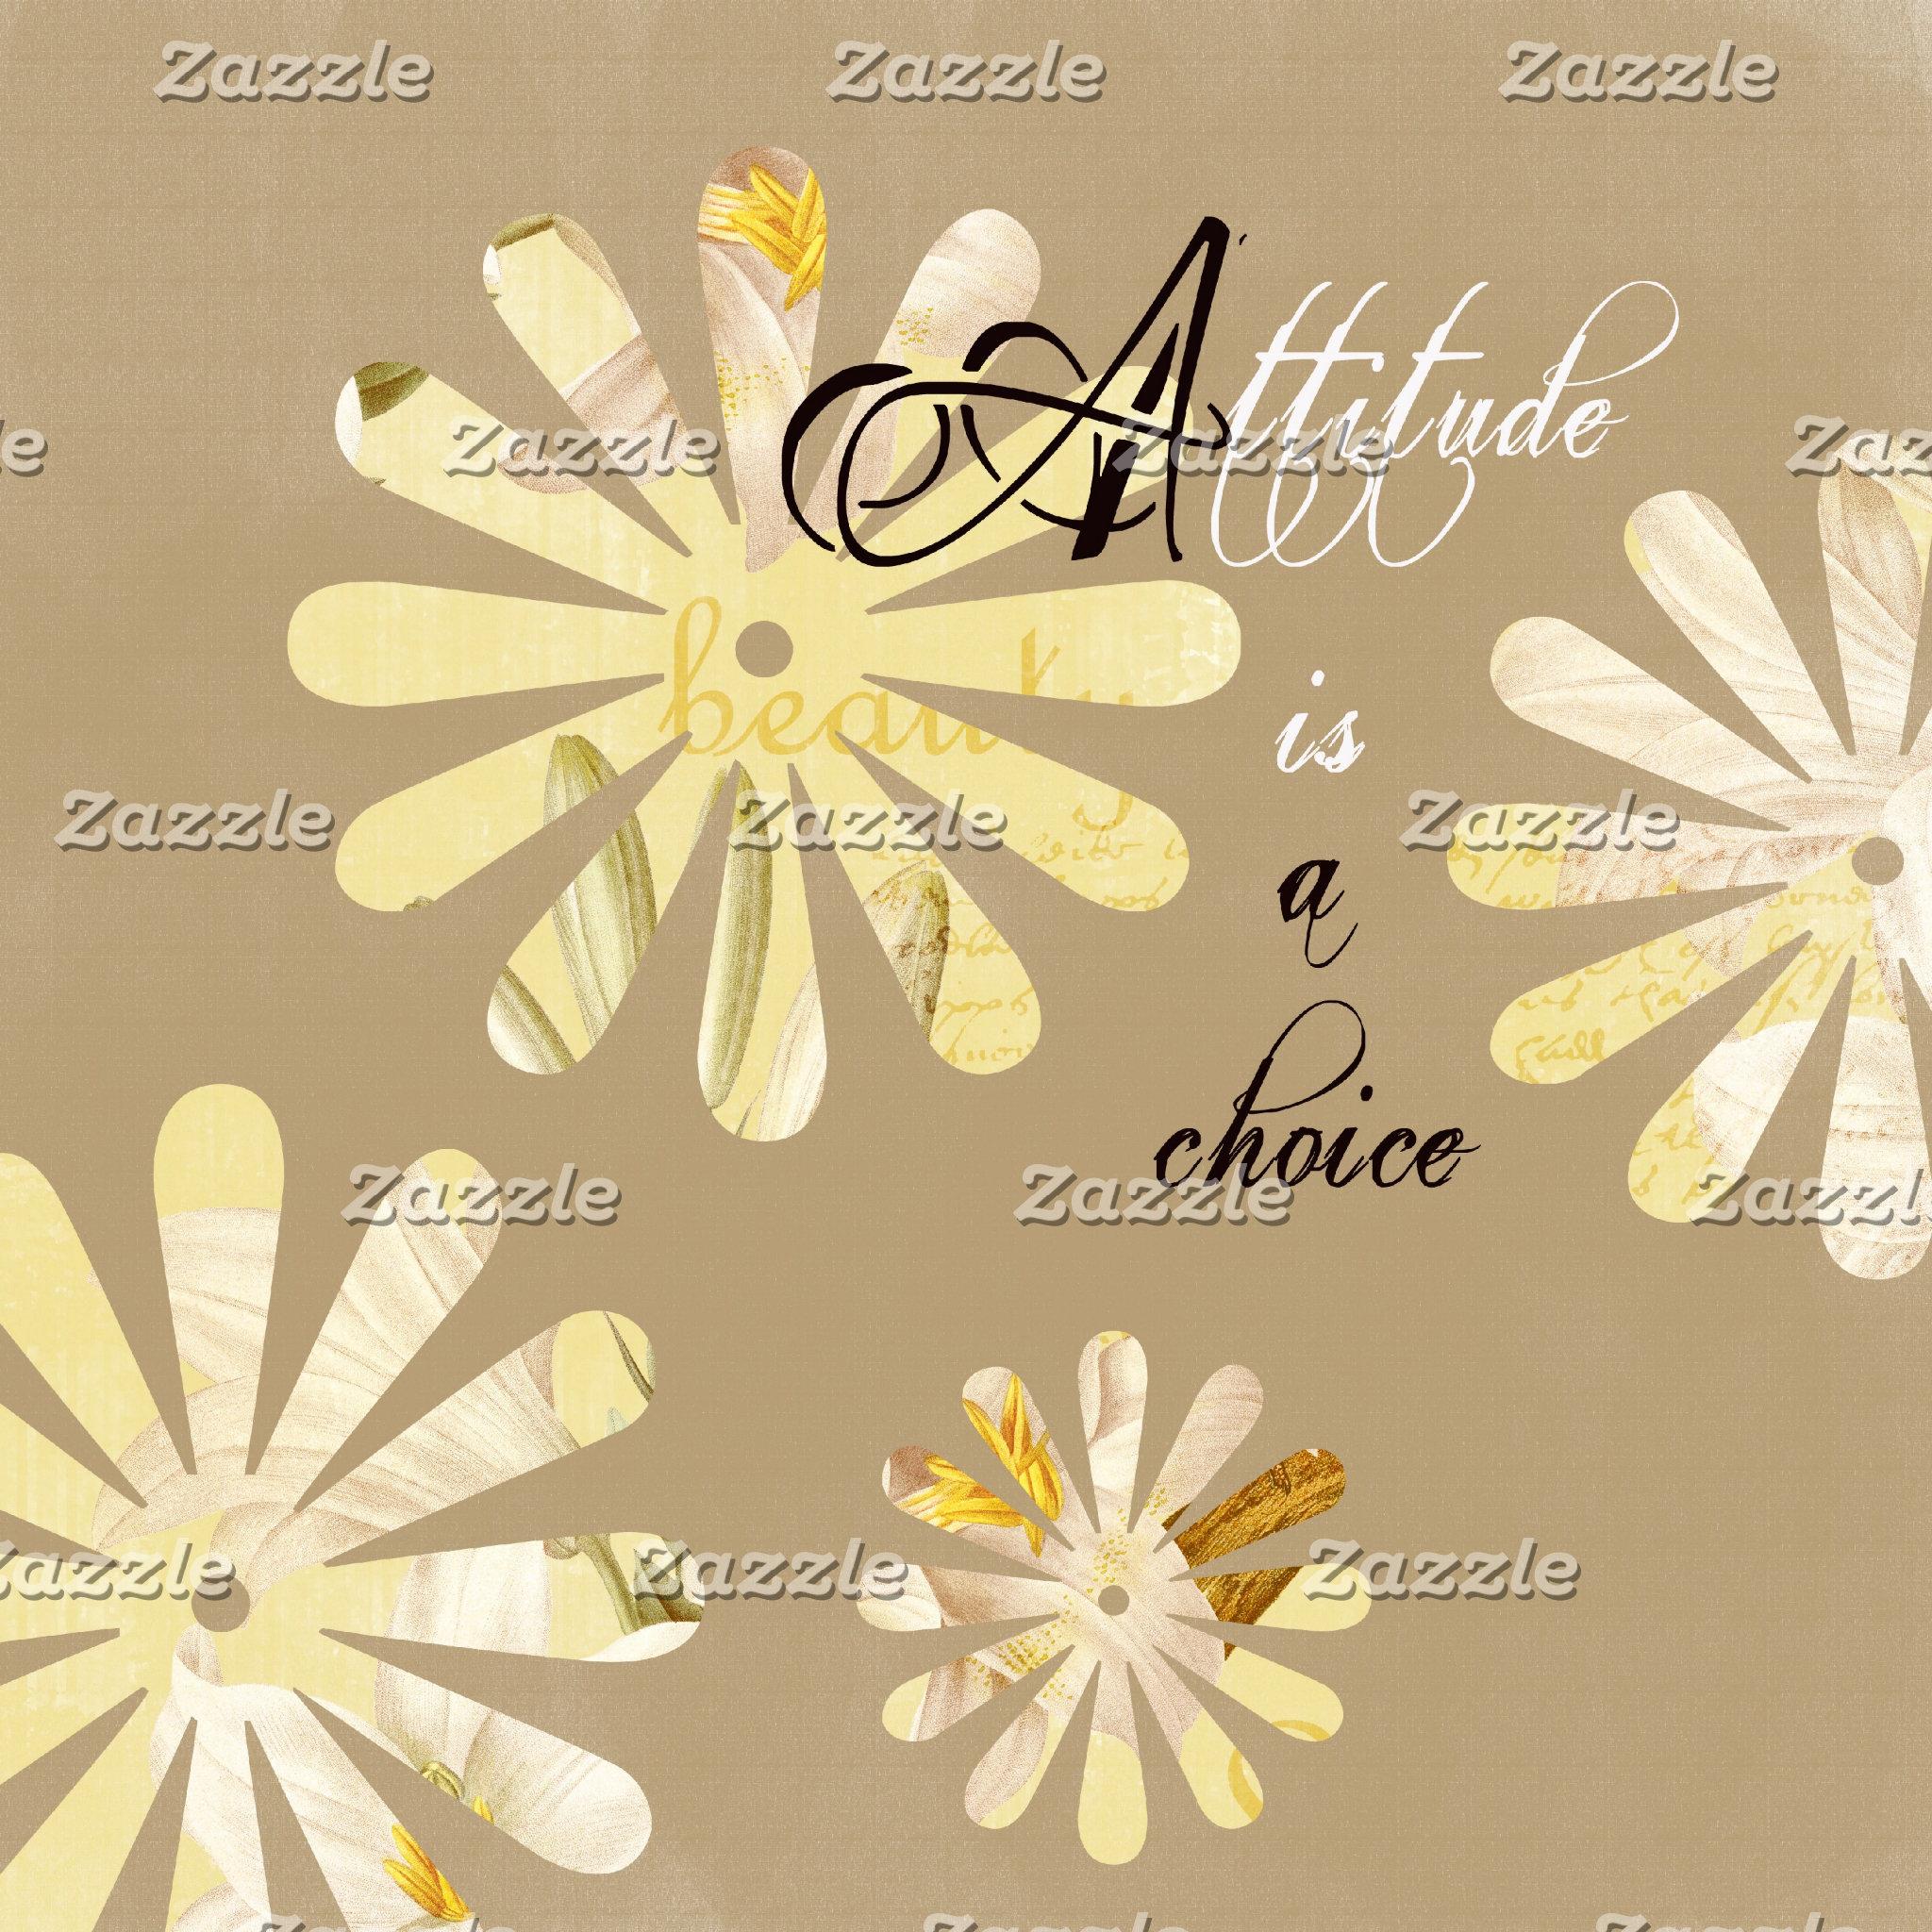 Attitude Choice